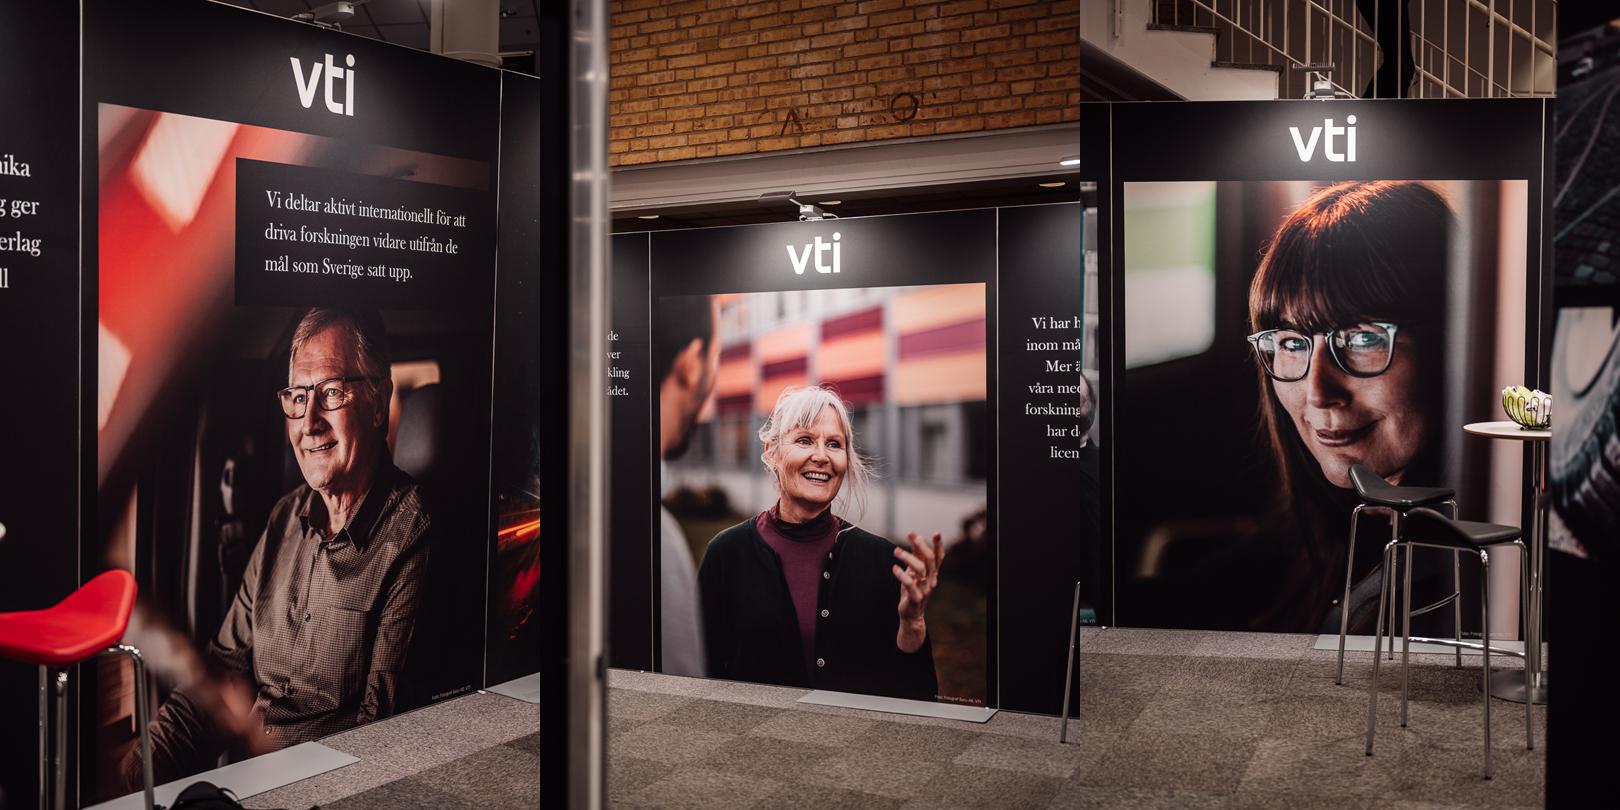 Stora bilder i tryck på personal vid Transportforum fotograferade av Satu Knape, fotograf i Linköping